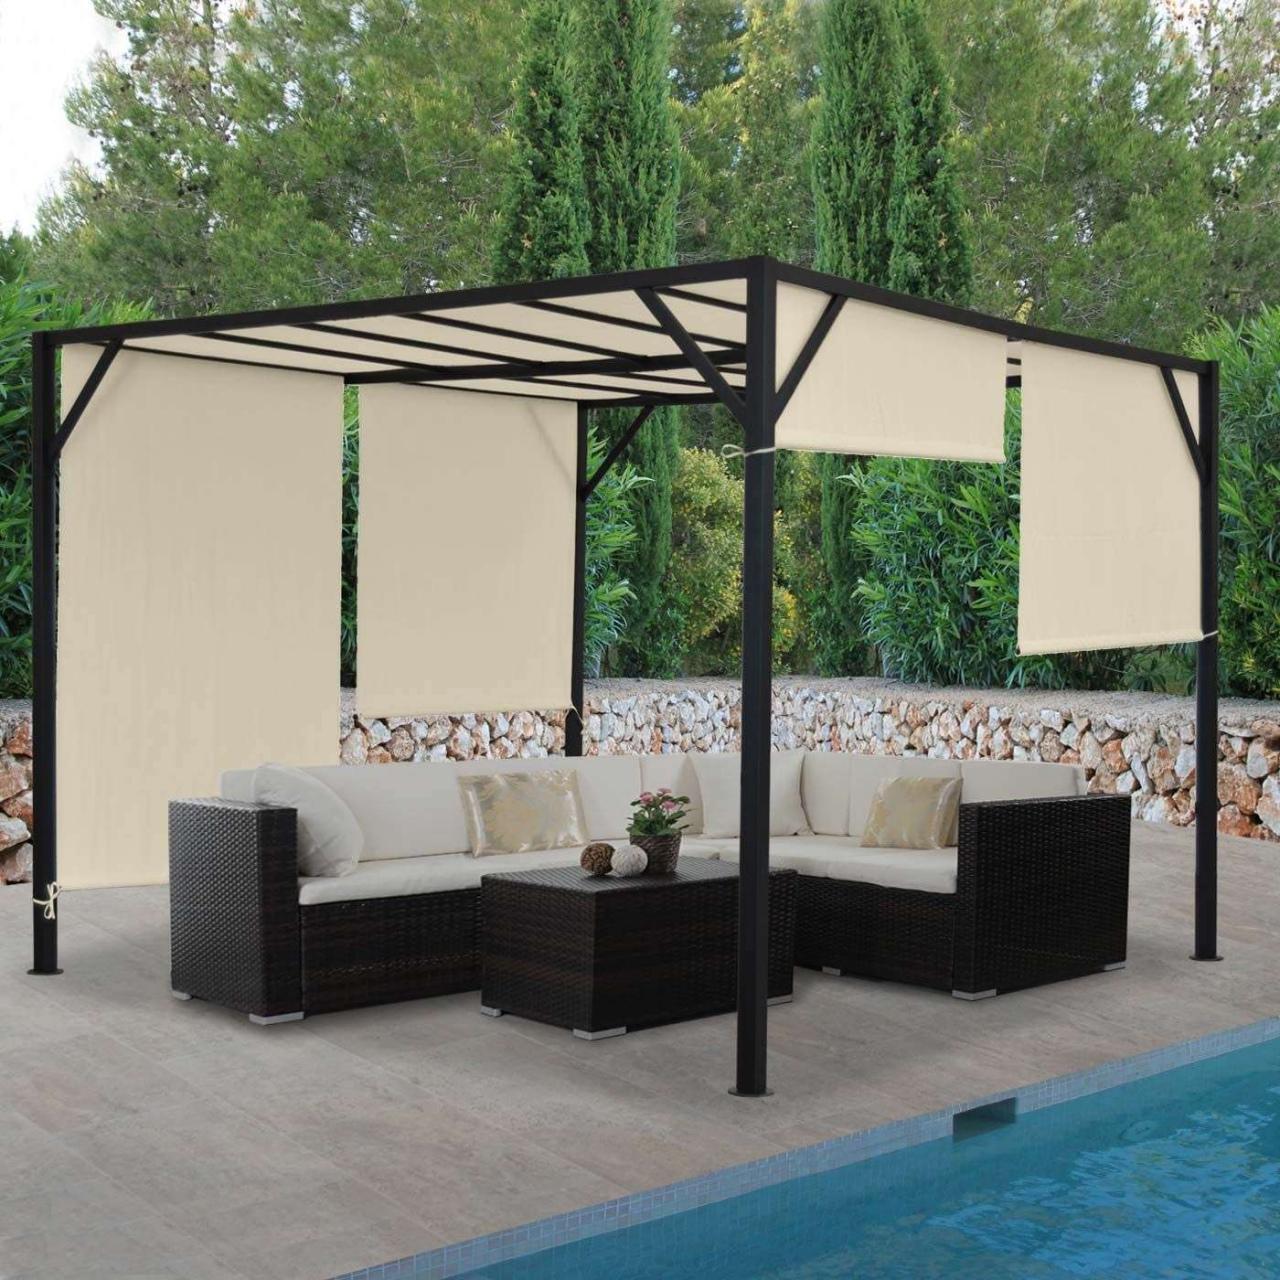 yardistry wood gazebo with aluminum roof 37 neu pavillon garten durch yardistry wood gazebo with aluminum roof 2